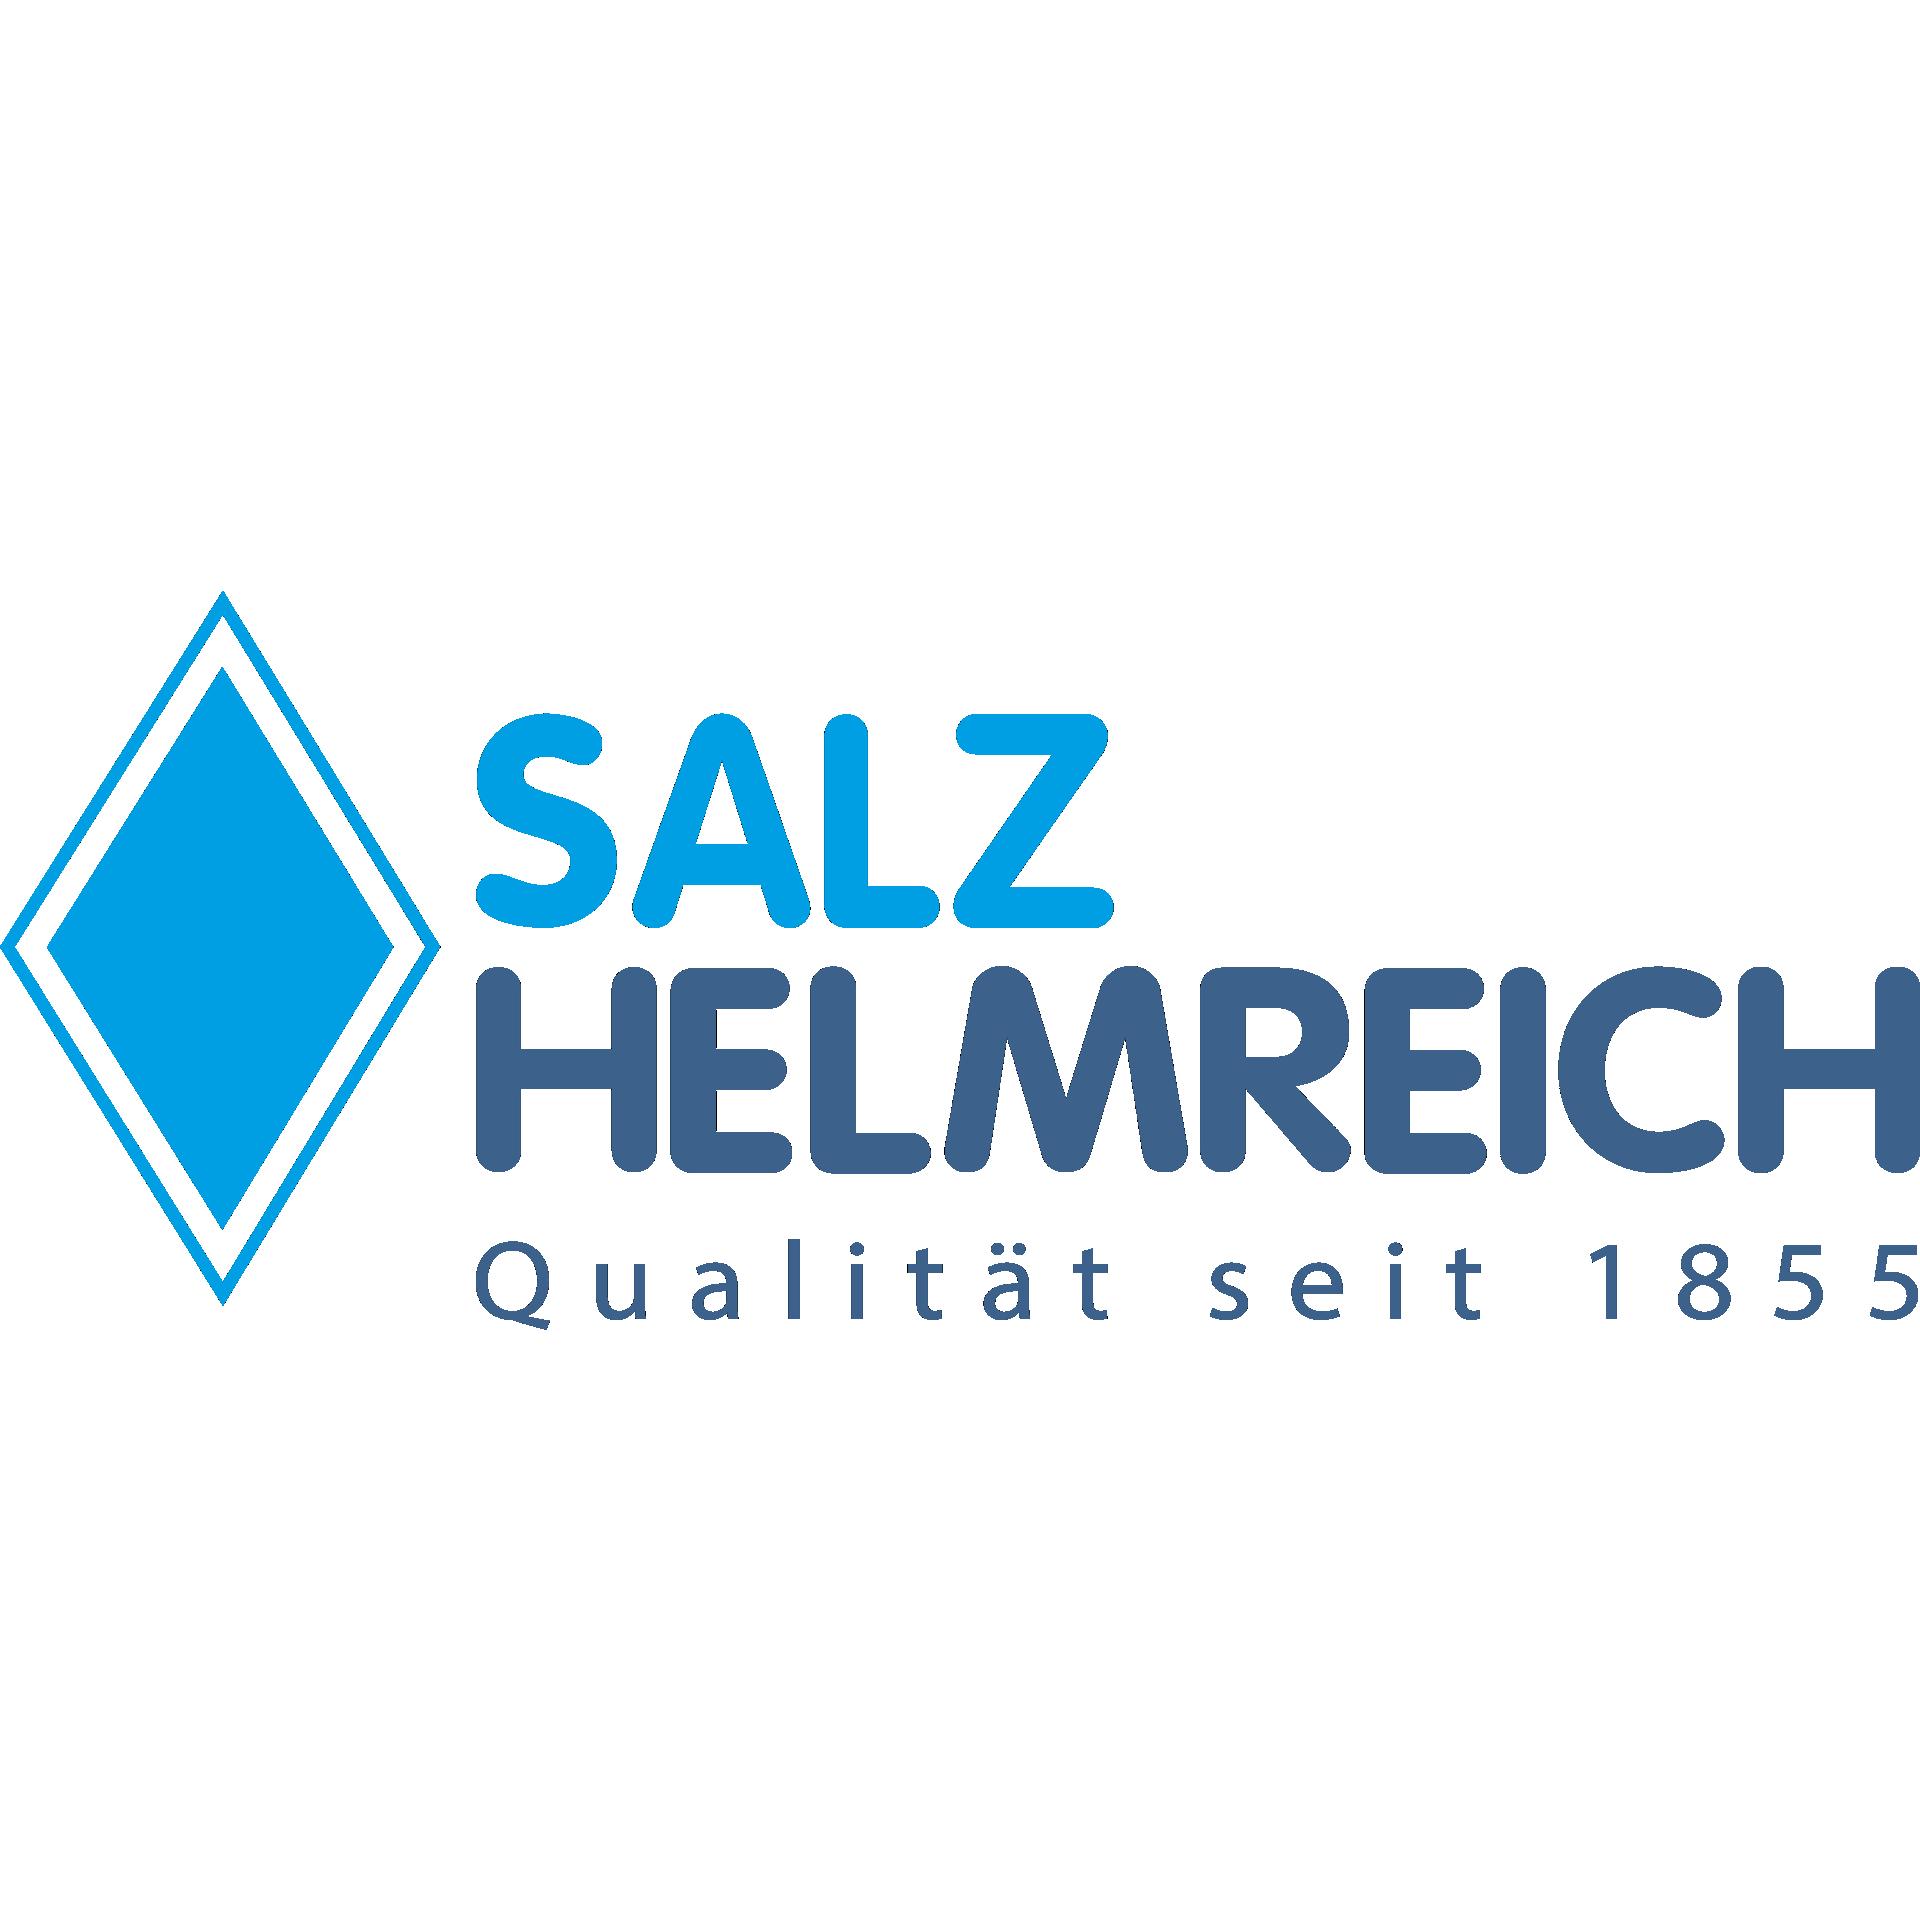 Stein-Gewerbesalz 0,8-2,3 mm im 25 kg Sack